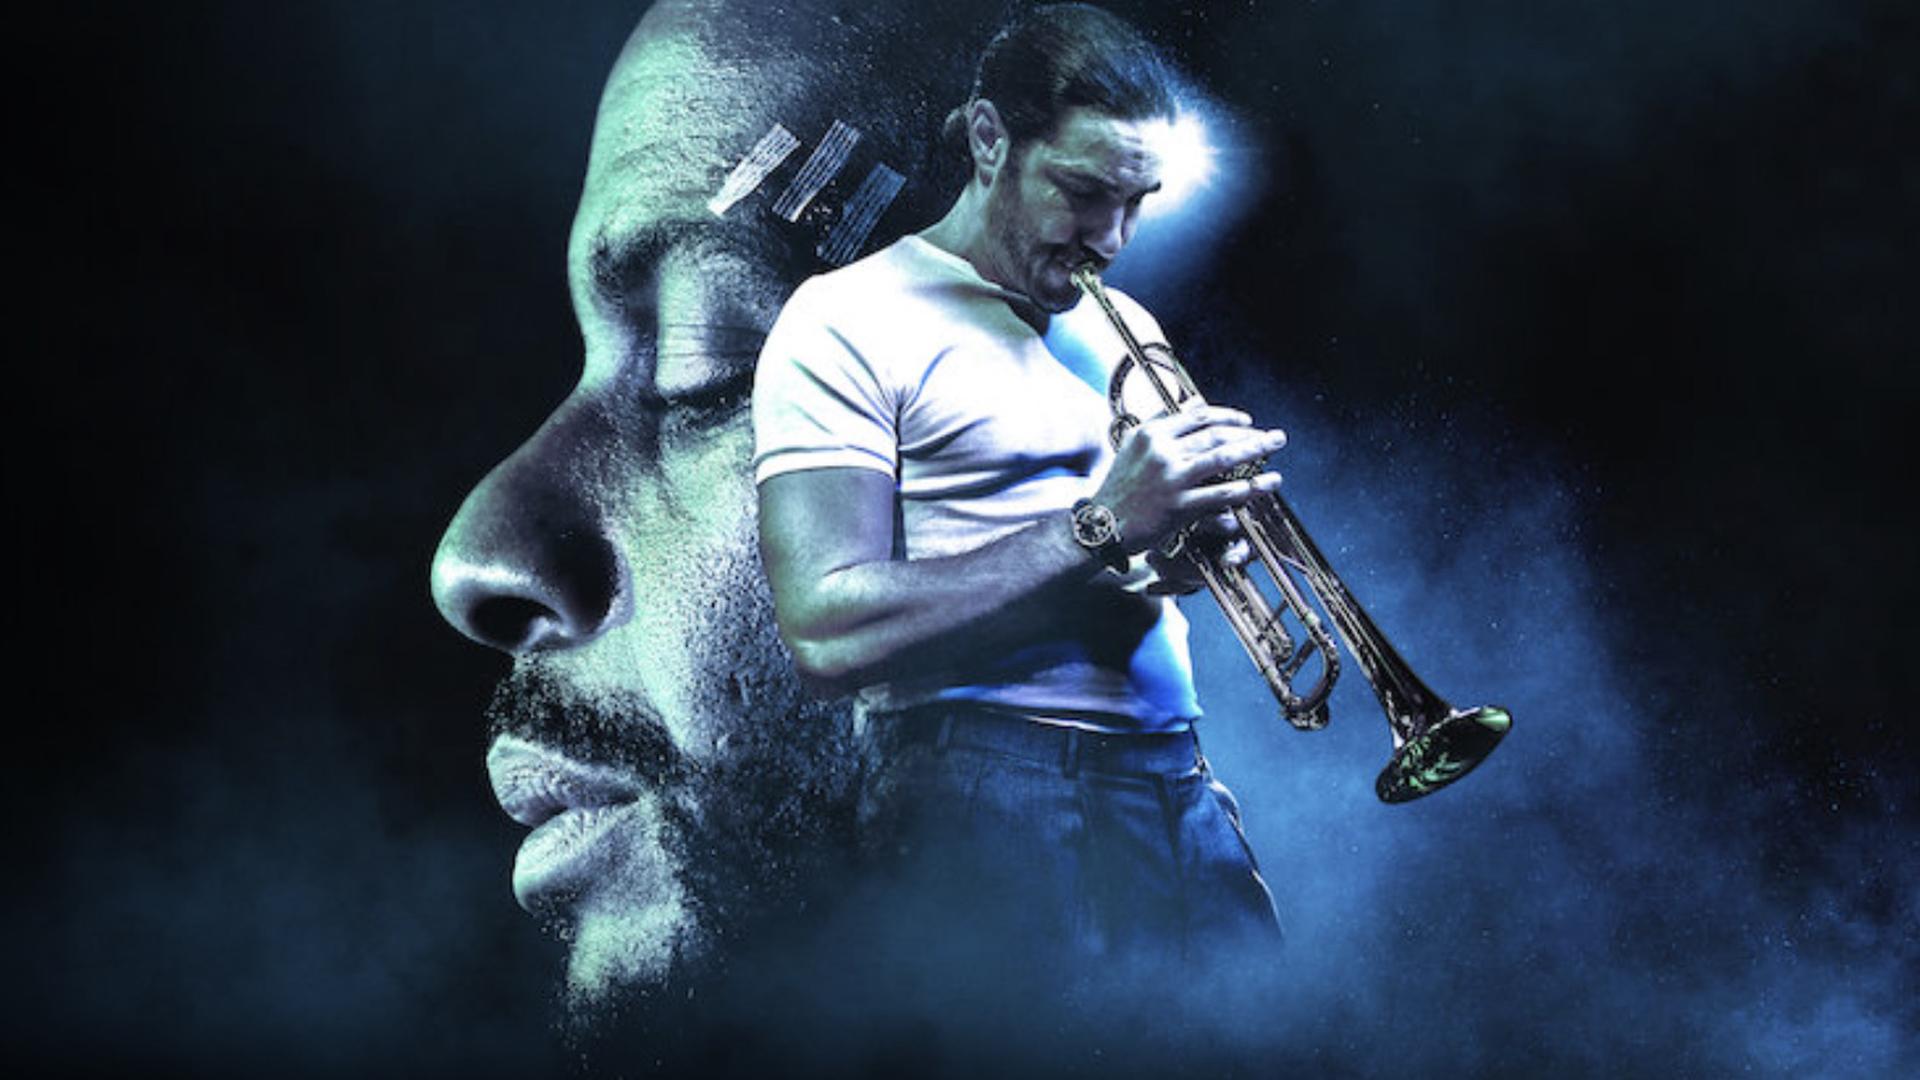 The Eddy, Parigi e la sua musica nella nuova miniserie Netflix ...